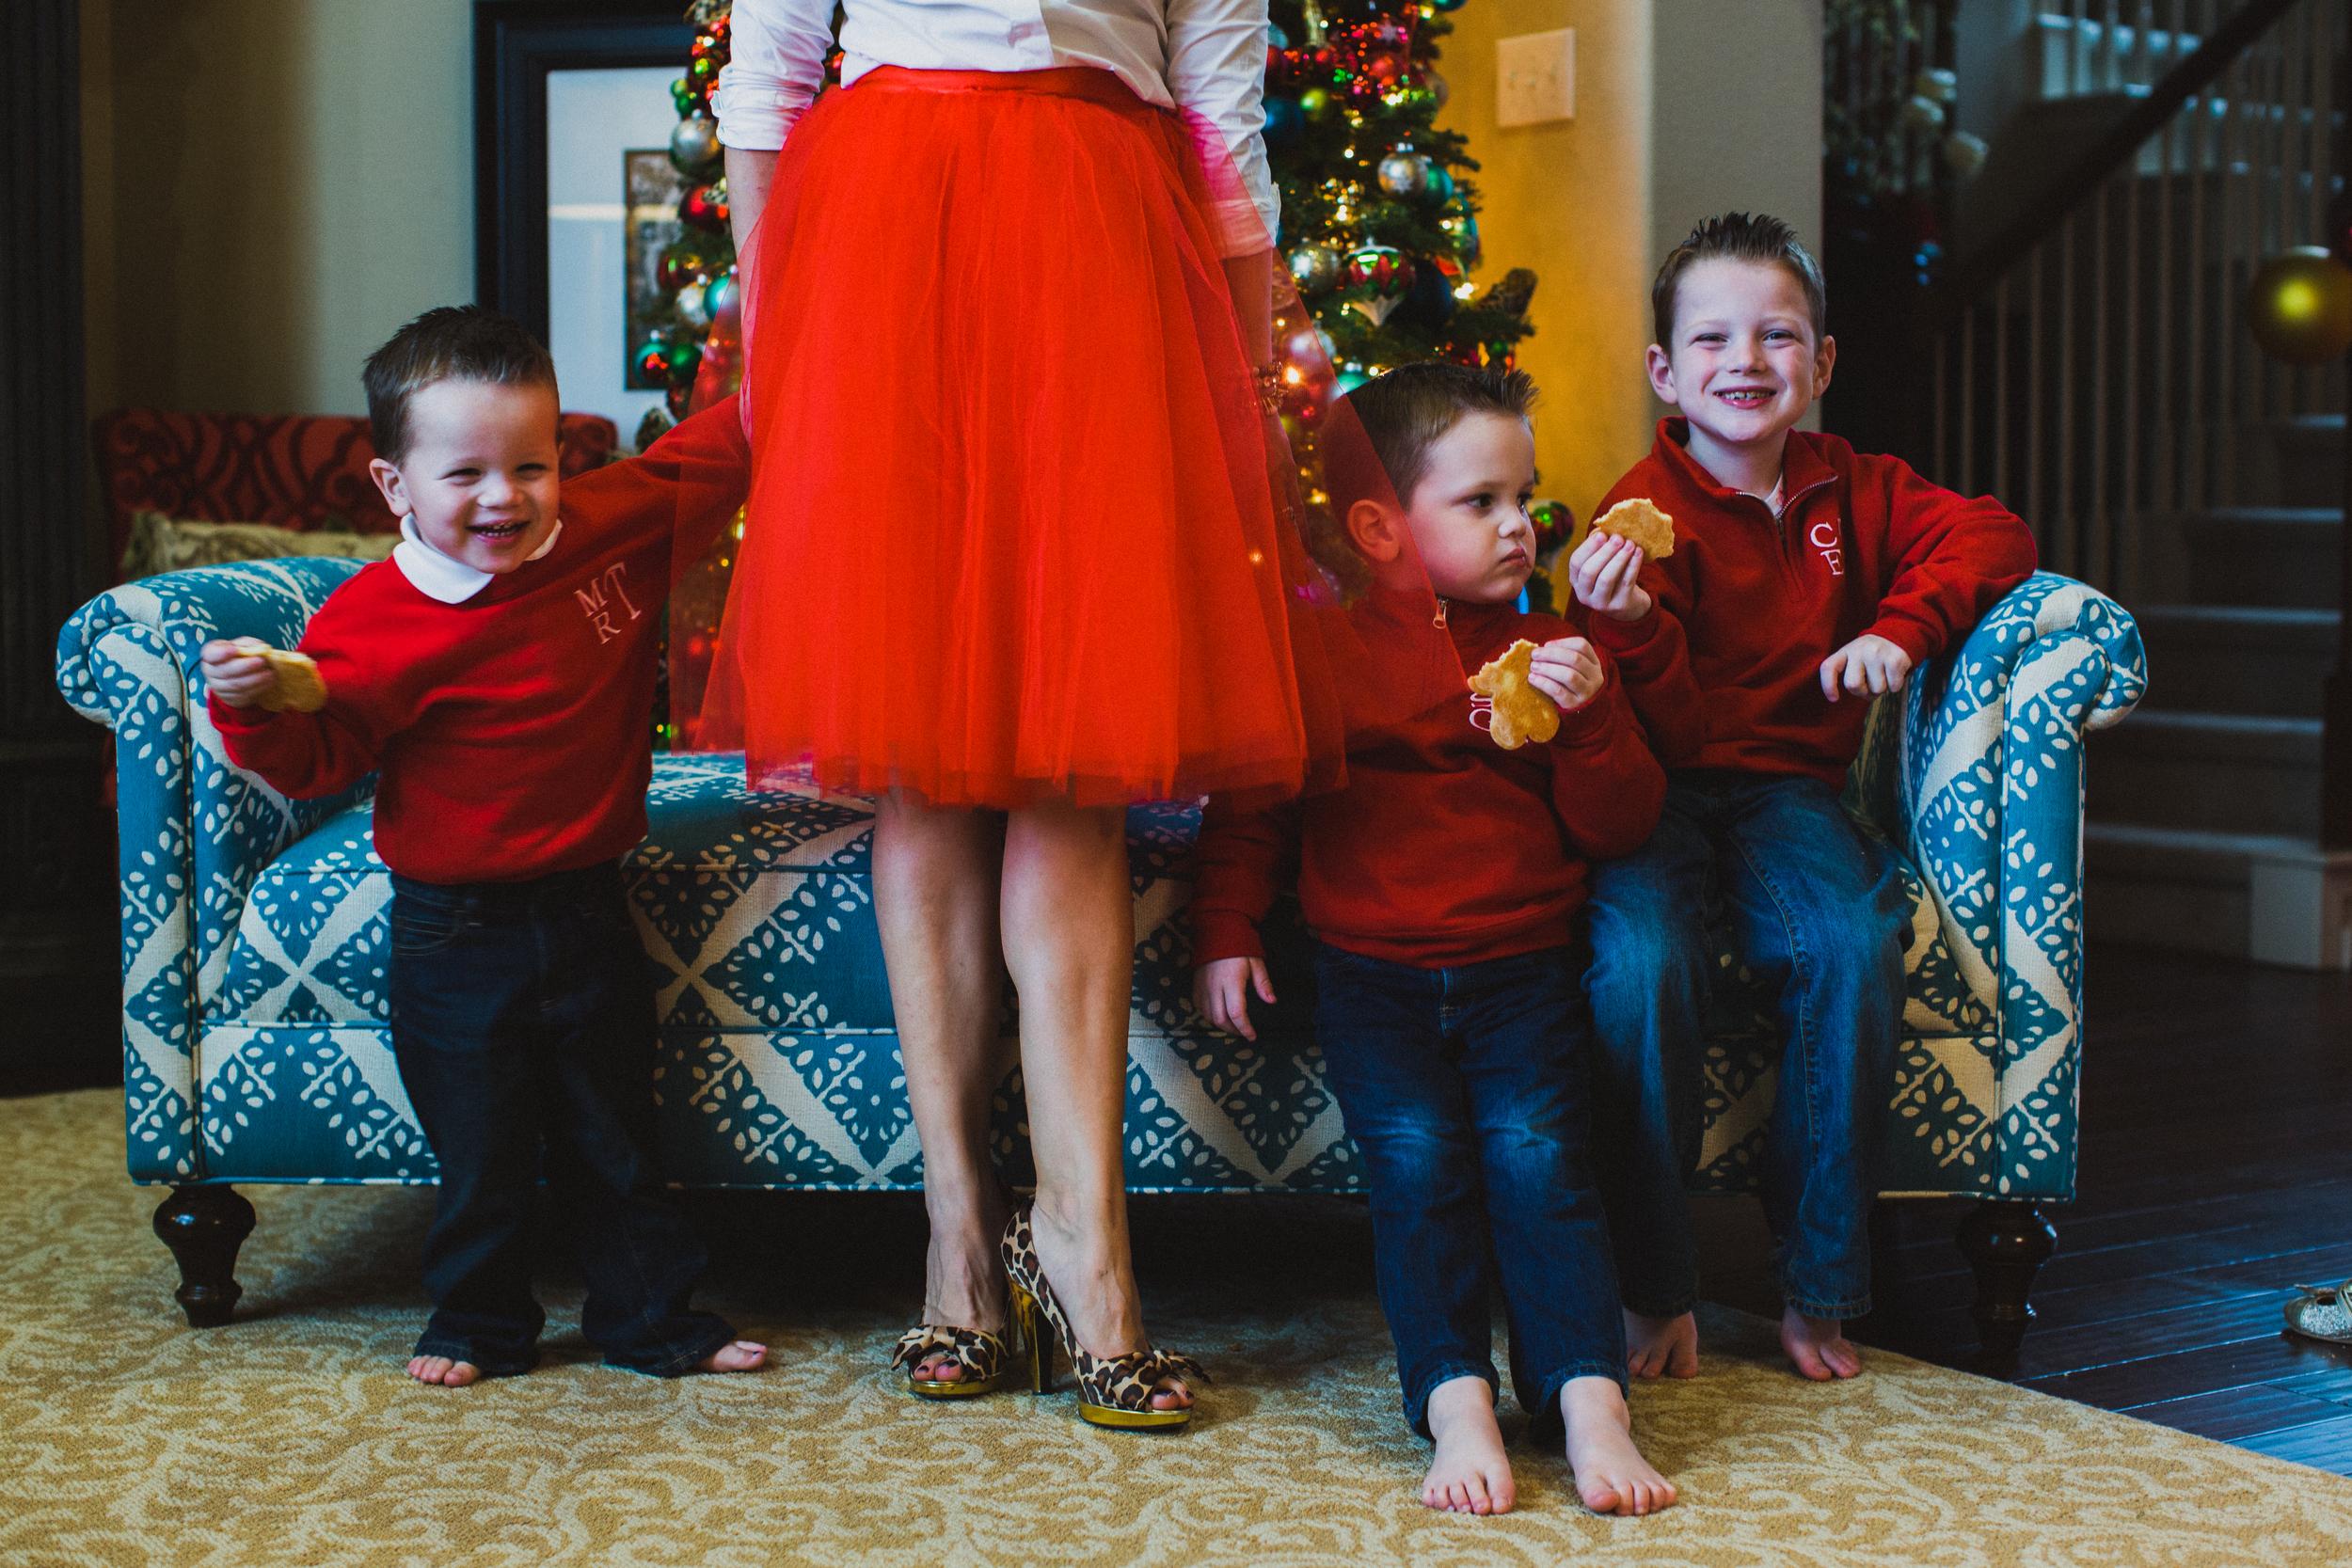 houstonfamilyphotographer-h2014-greer-tfam-208.jpg